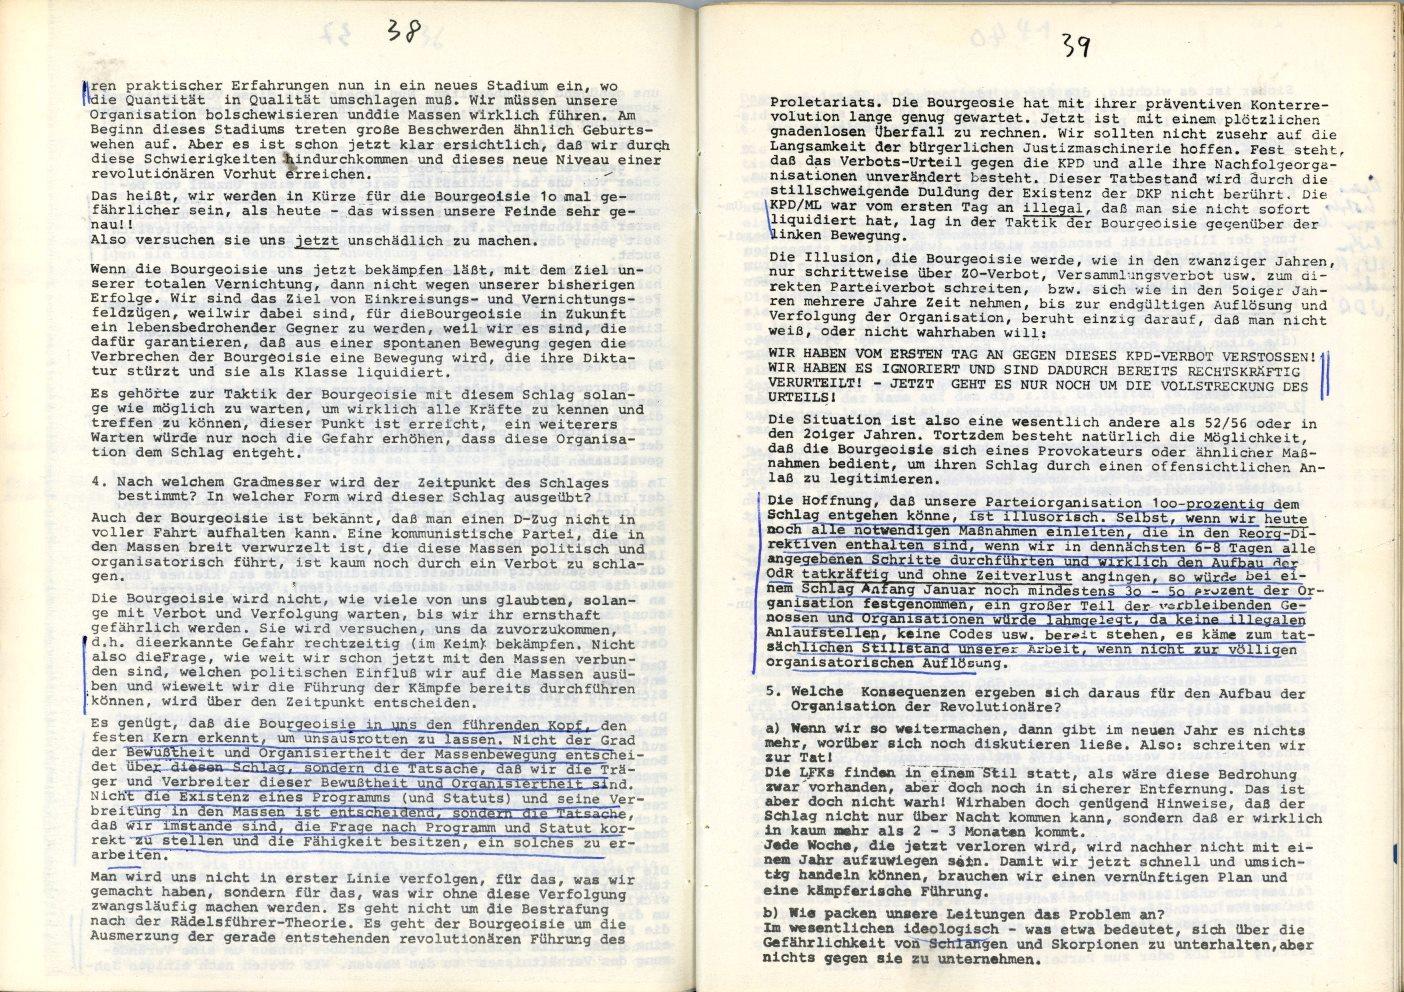 ZB_1972_Diskussionsorgan_zur_ersten_Parteikonferenz_22